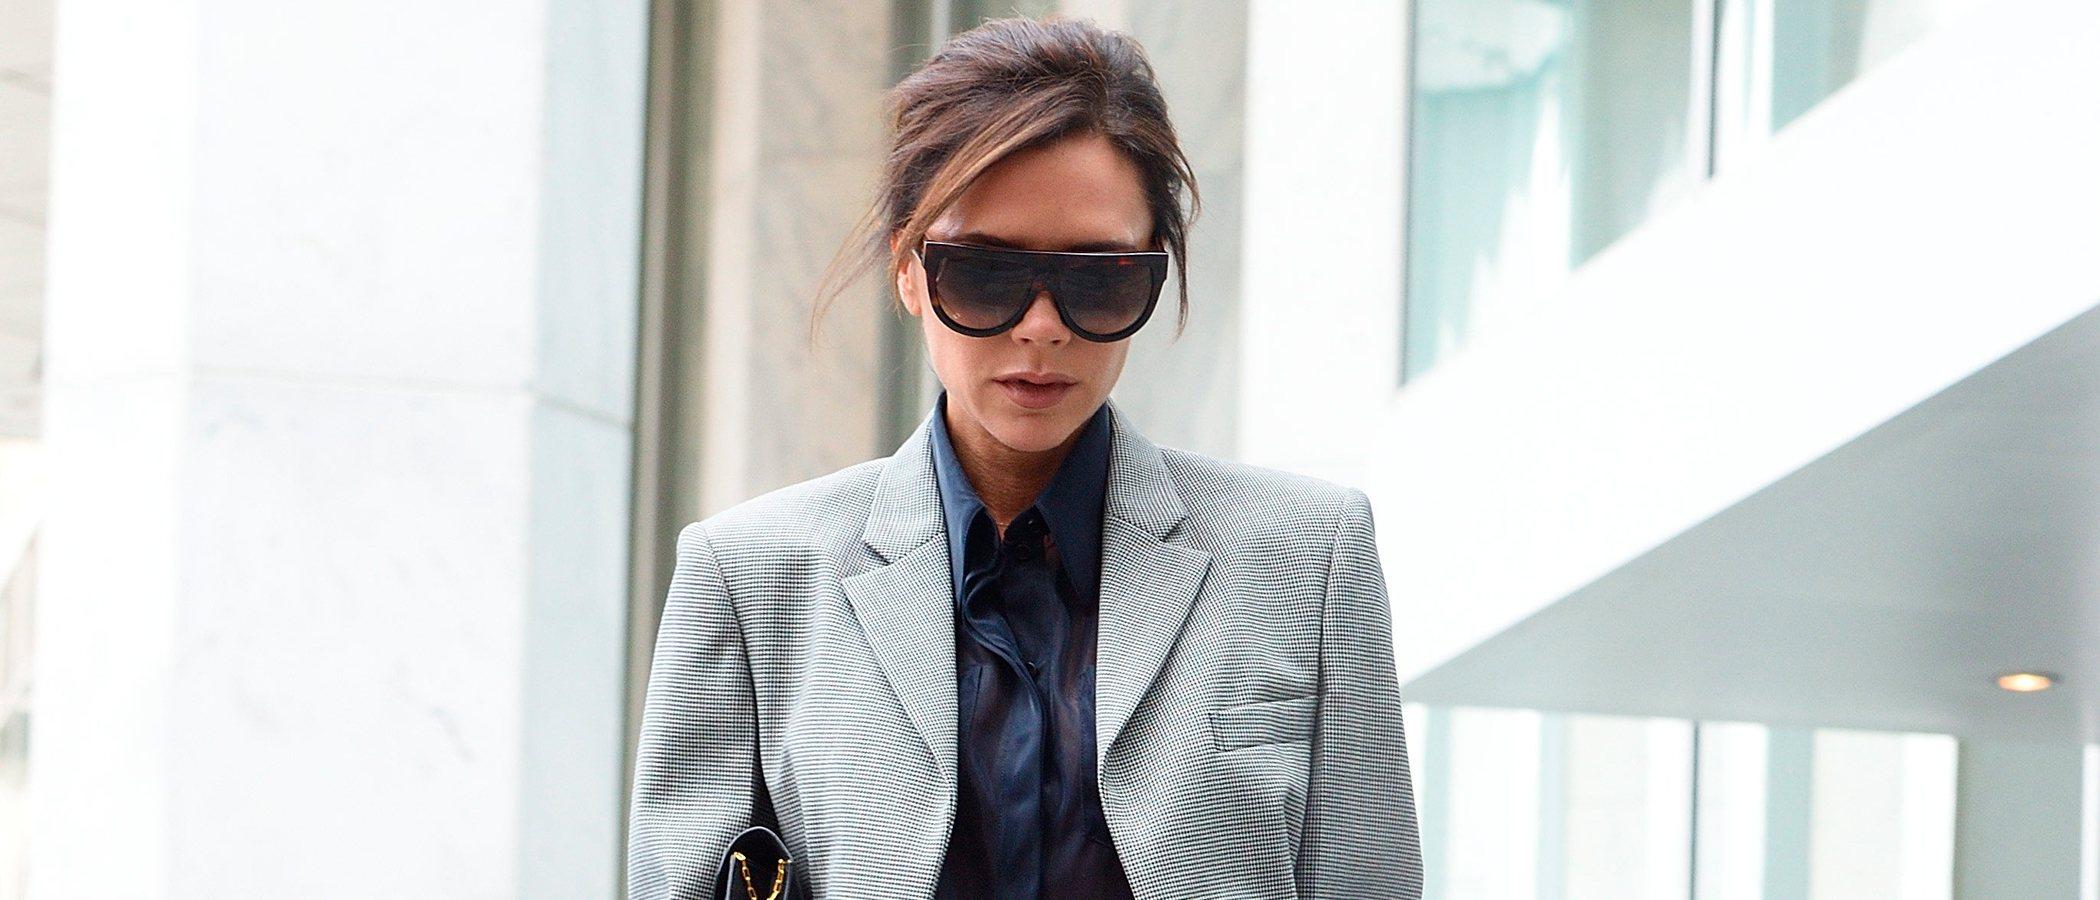 La evolución de estilo de Victoria Beckham: de Spice Girl a diseñadora de moda